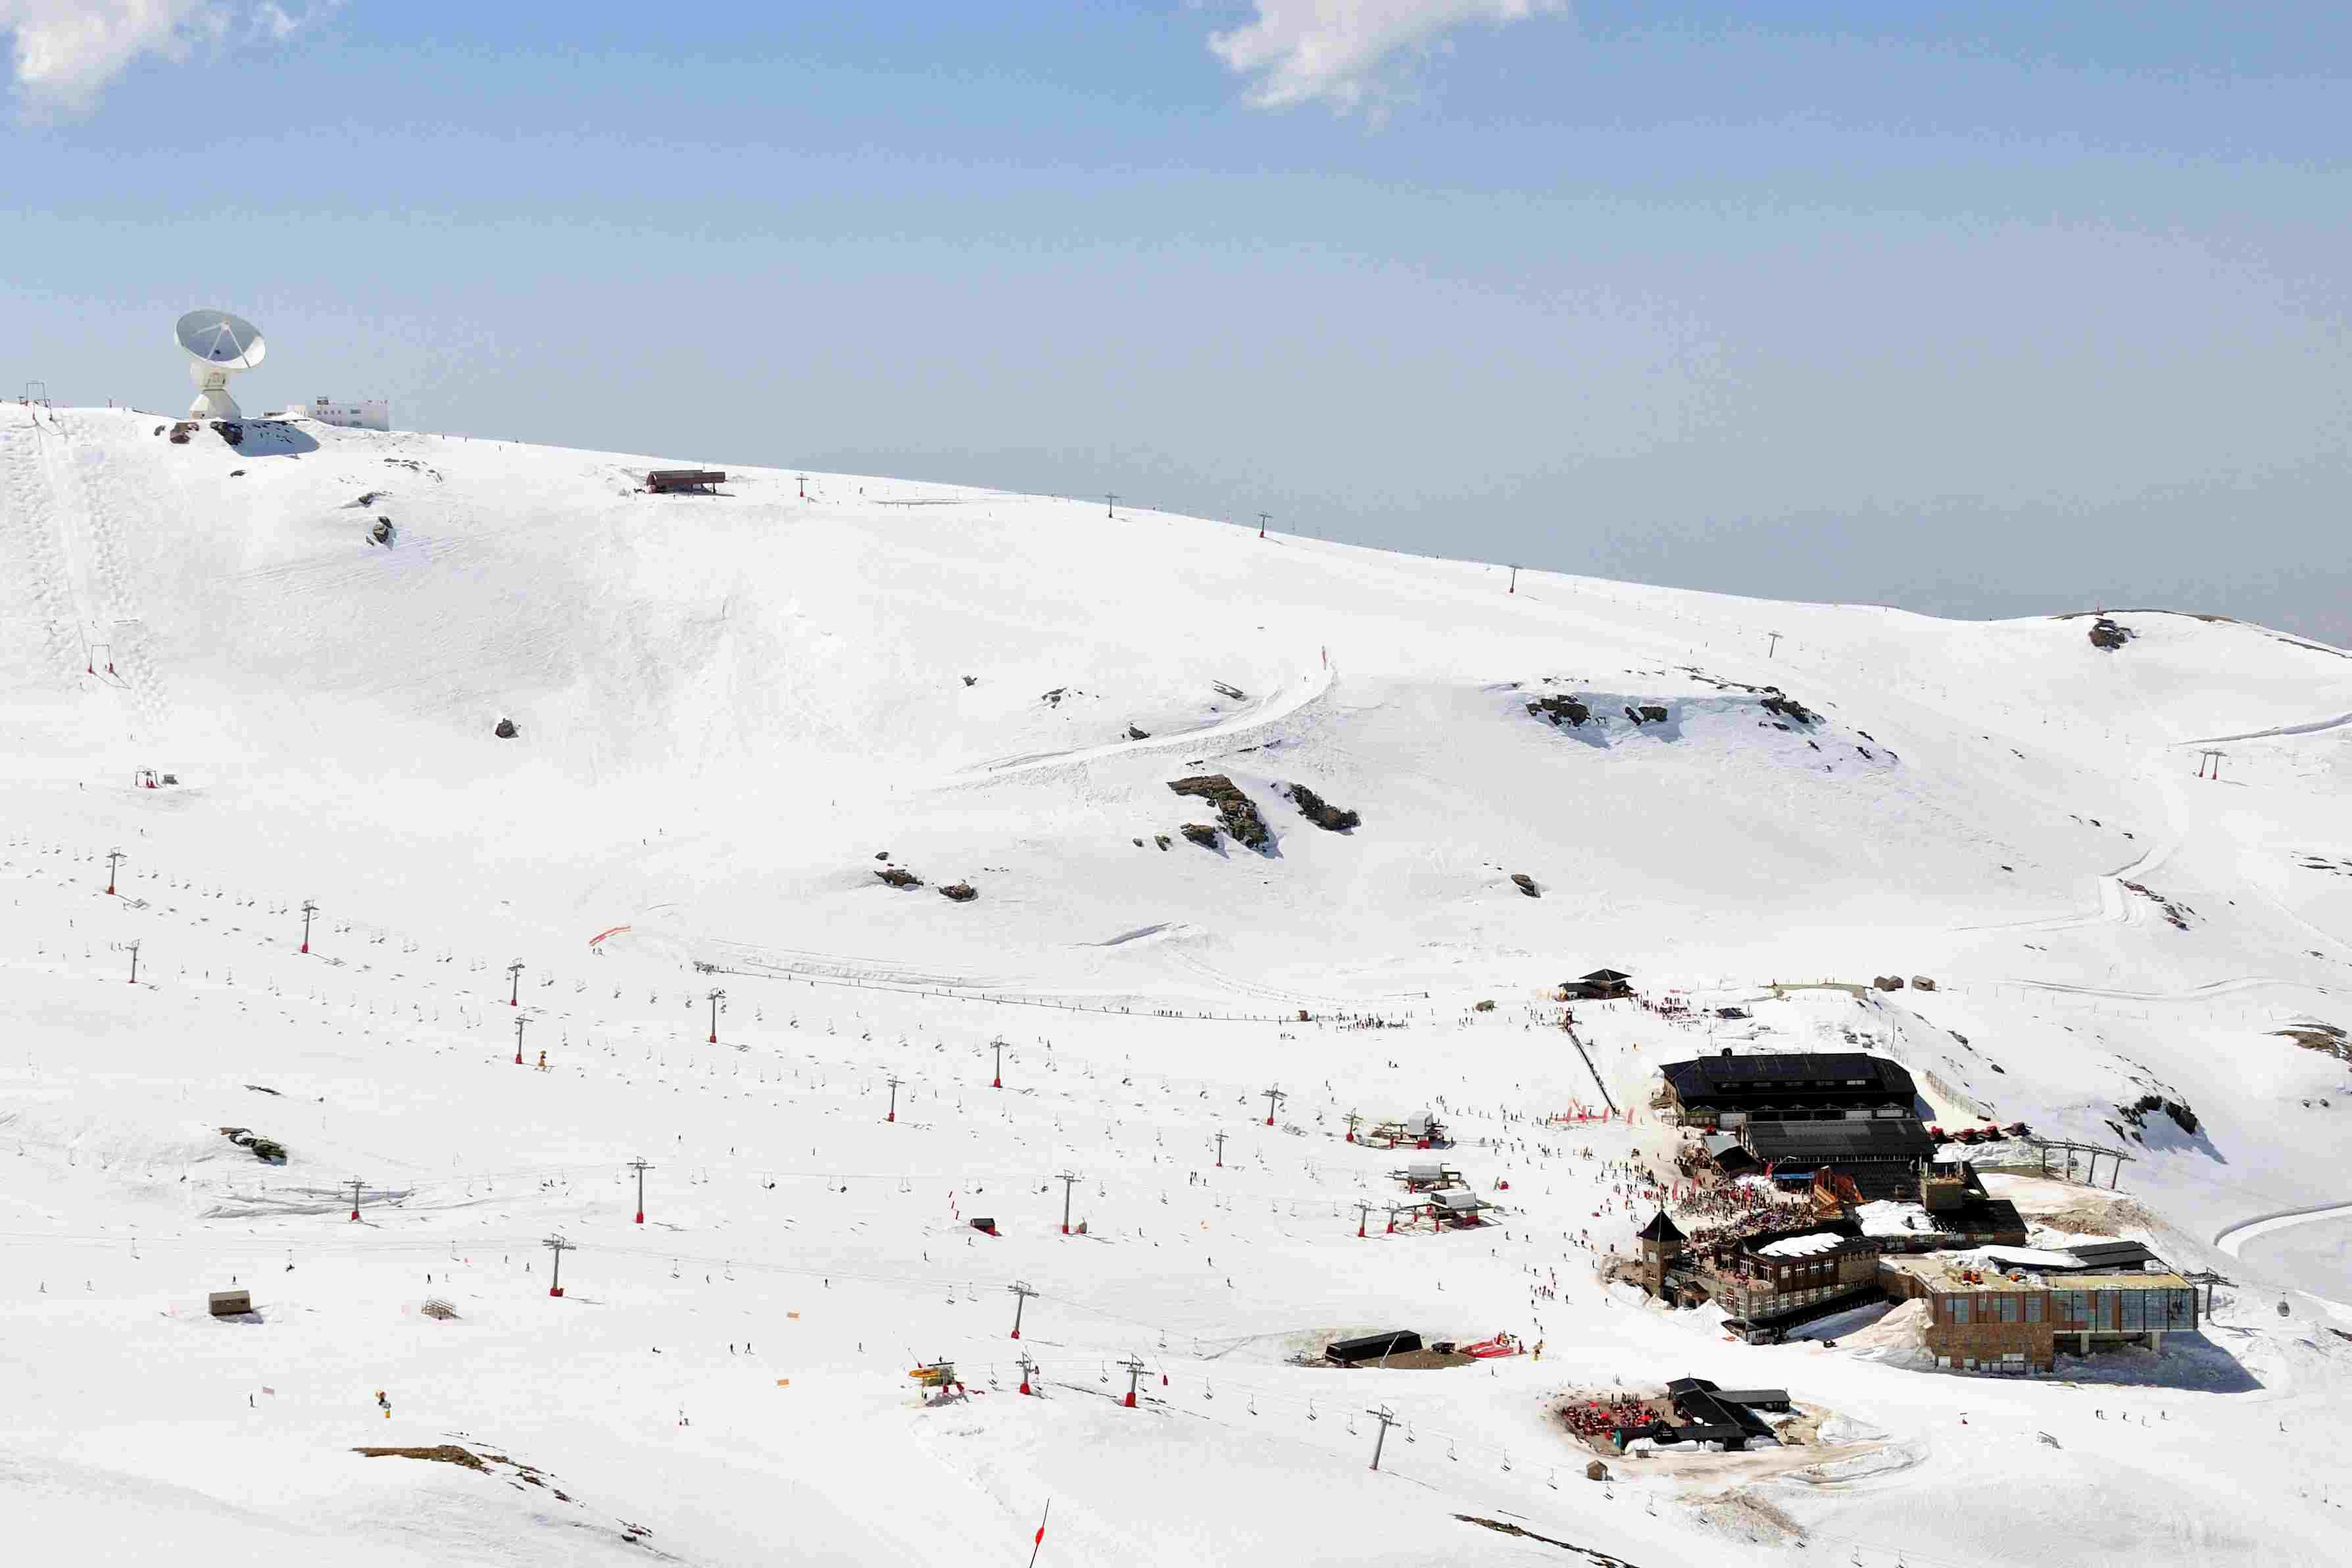 Skiing in the Sierra Nevada in Spain